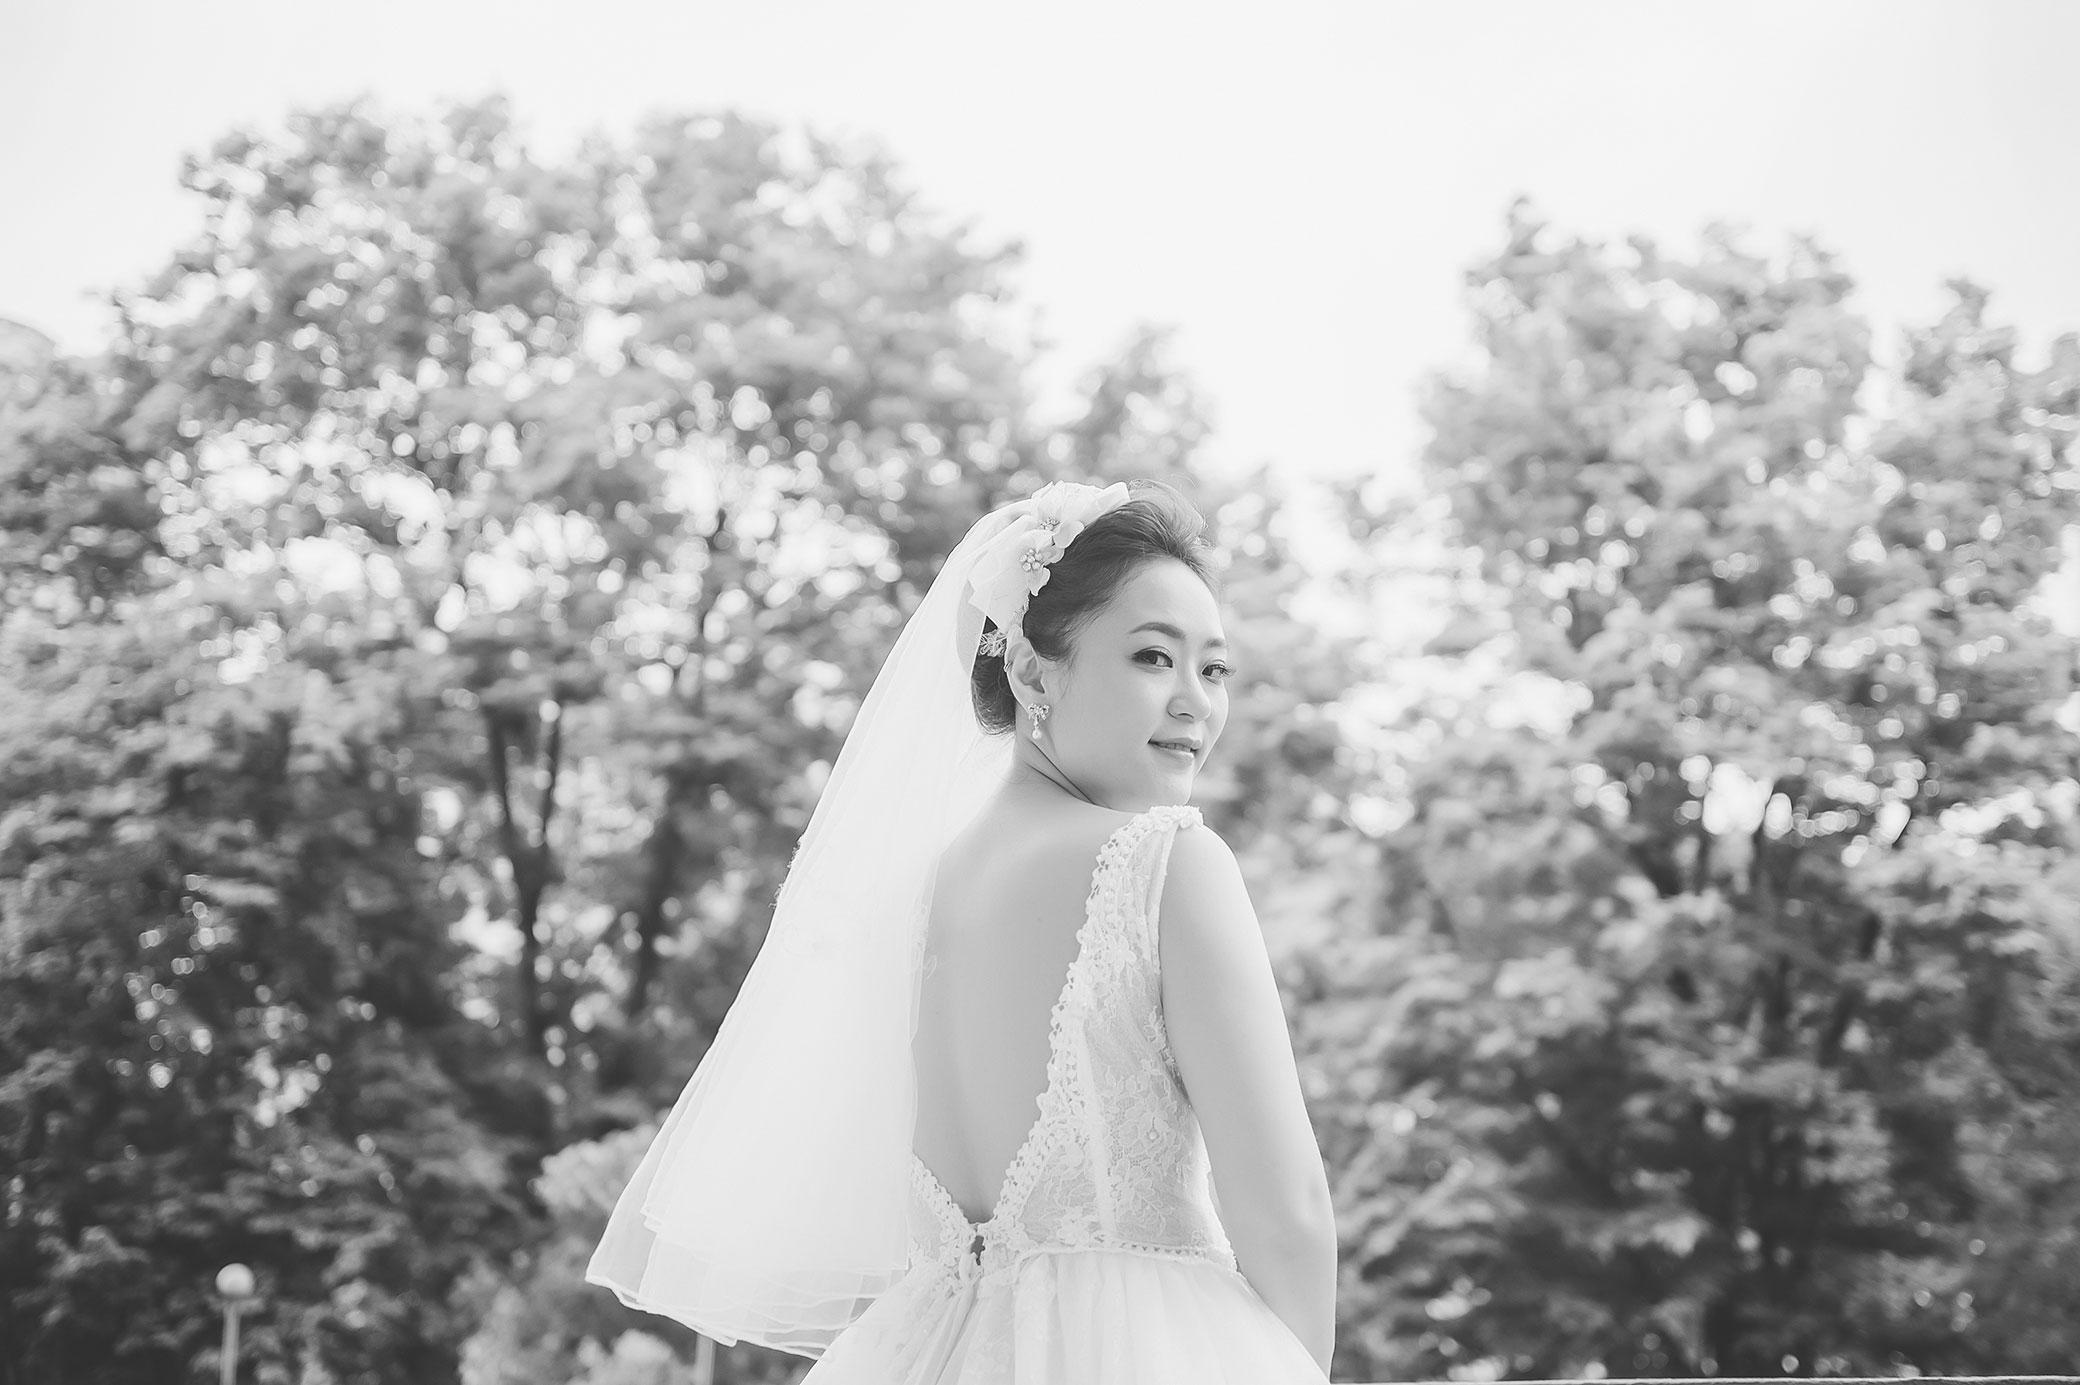 nickchang-realwedding-fineart-18